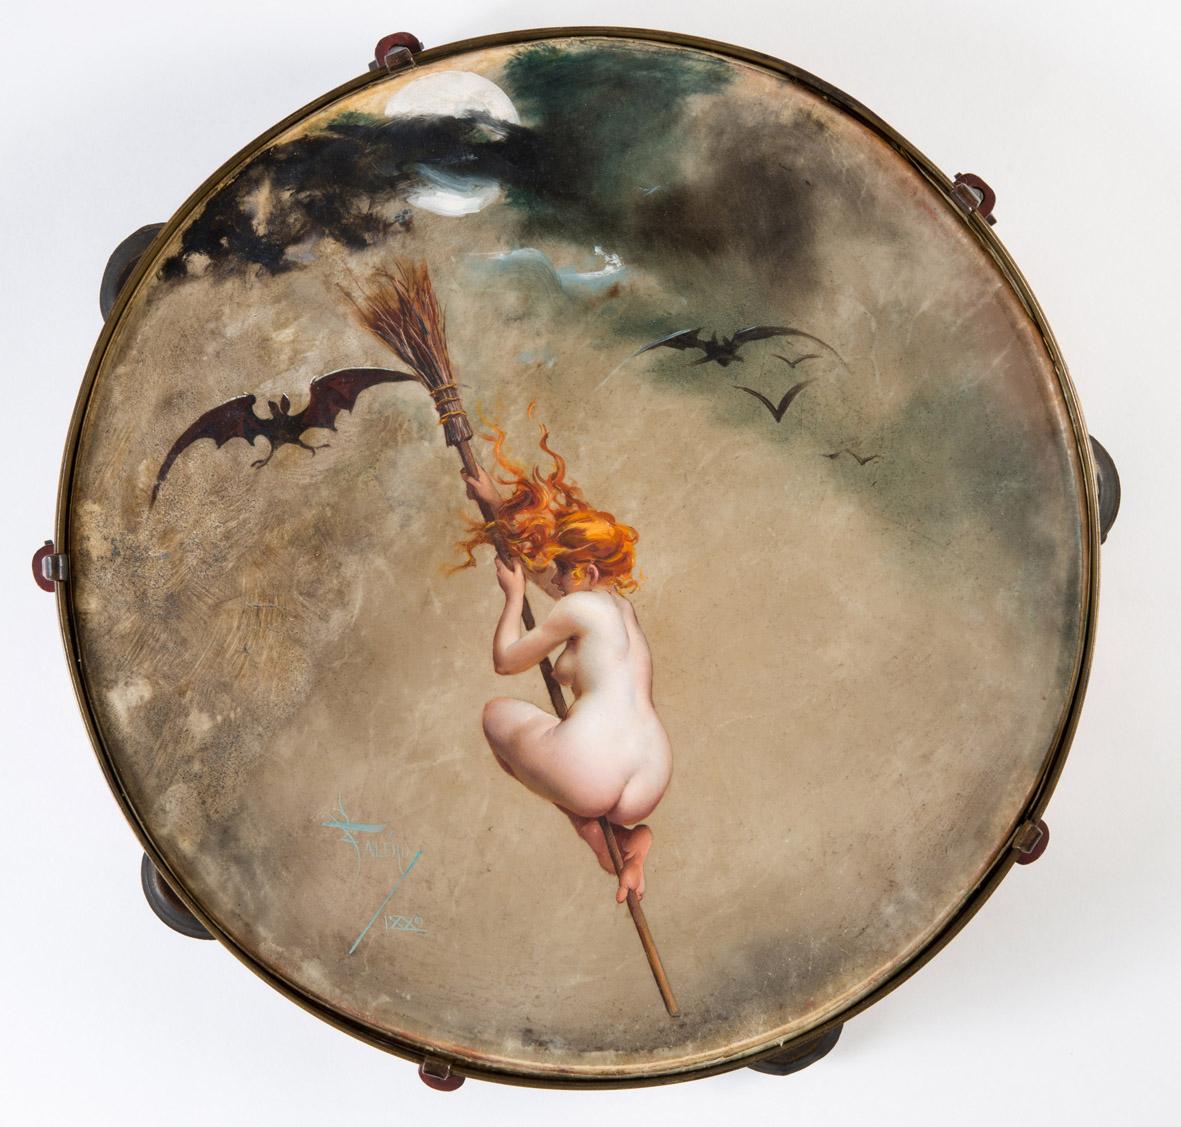 Arte ed esoterismo, a Rovigo una grande mostra sulla magia tra simbolismo e avanguardie storiche